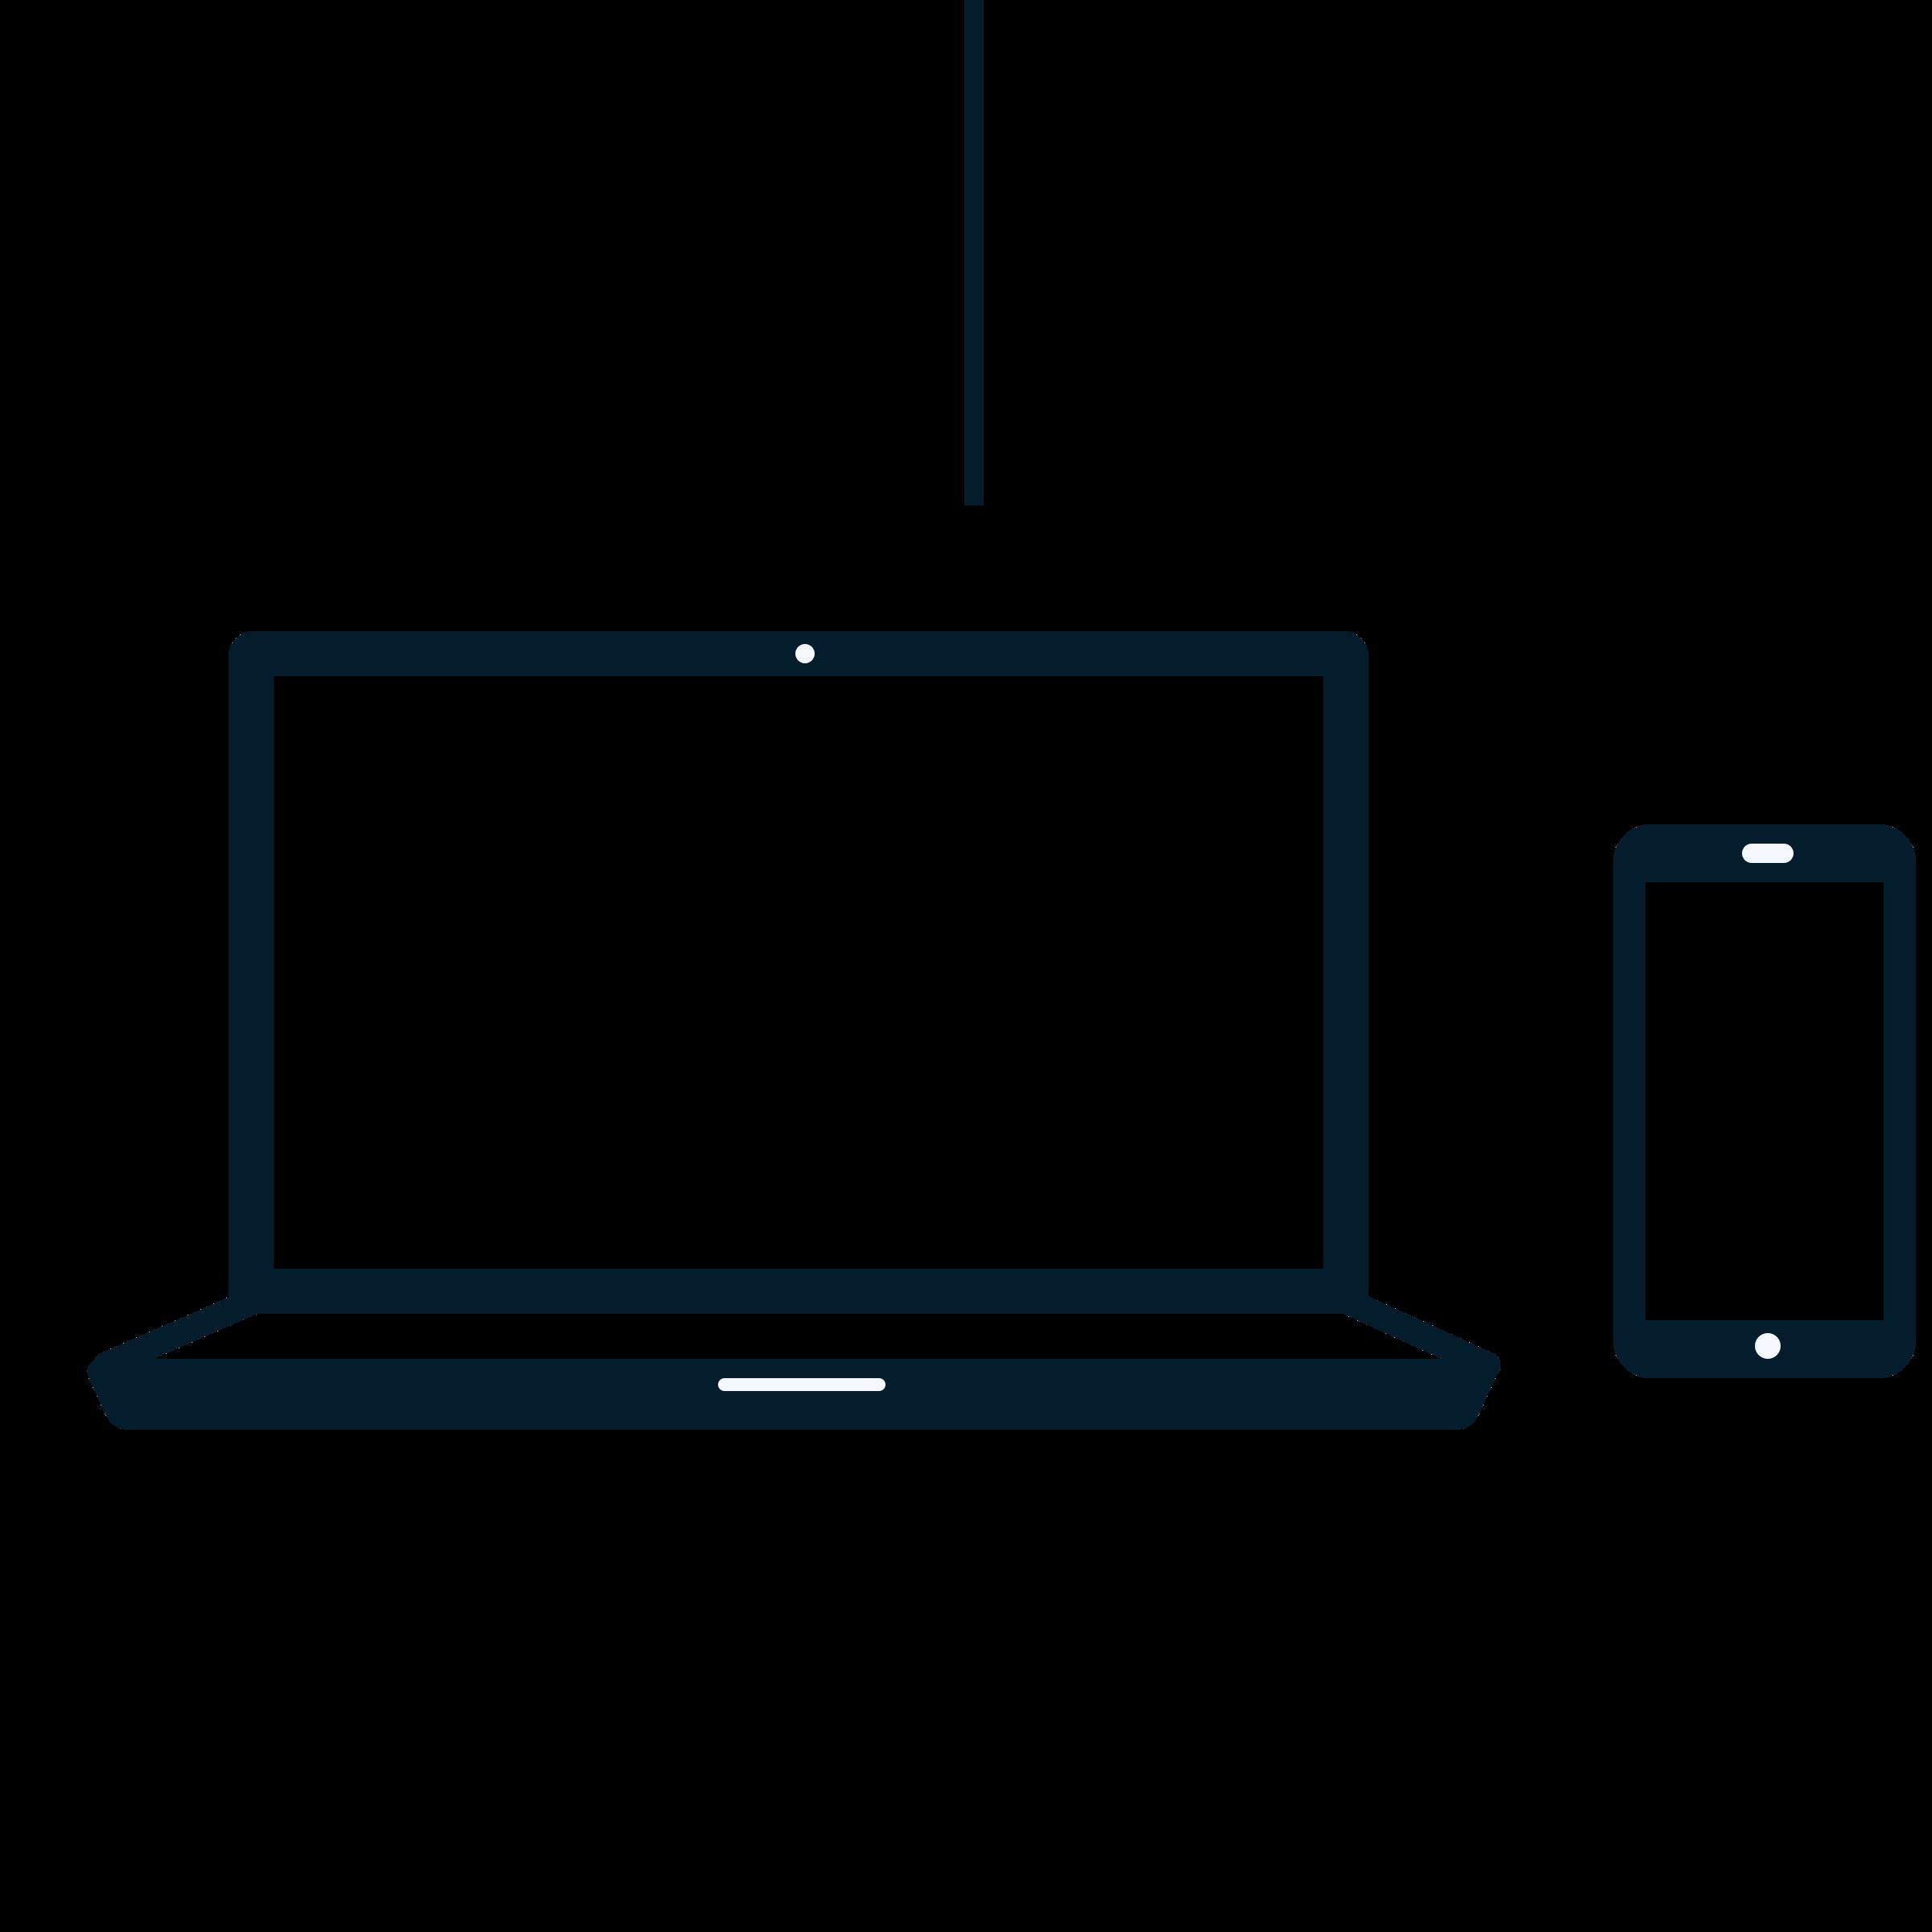 Icon-Grafik eines Laptops und eines Smartphones